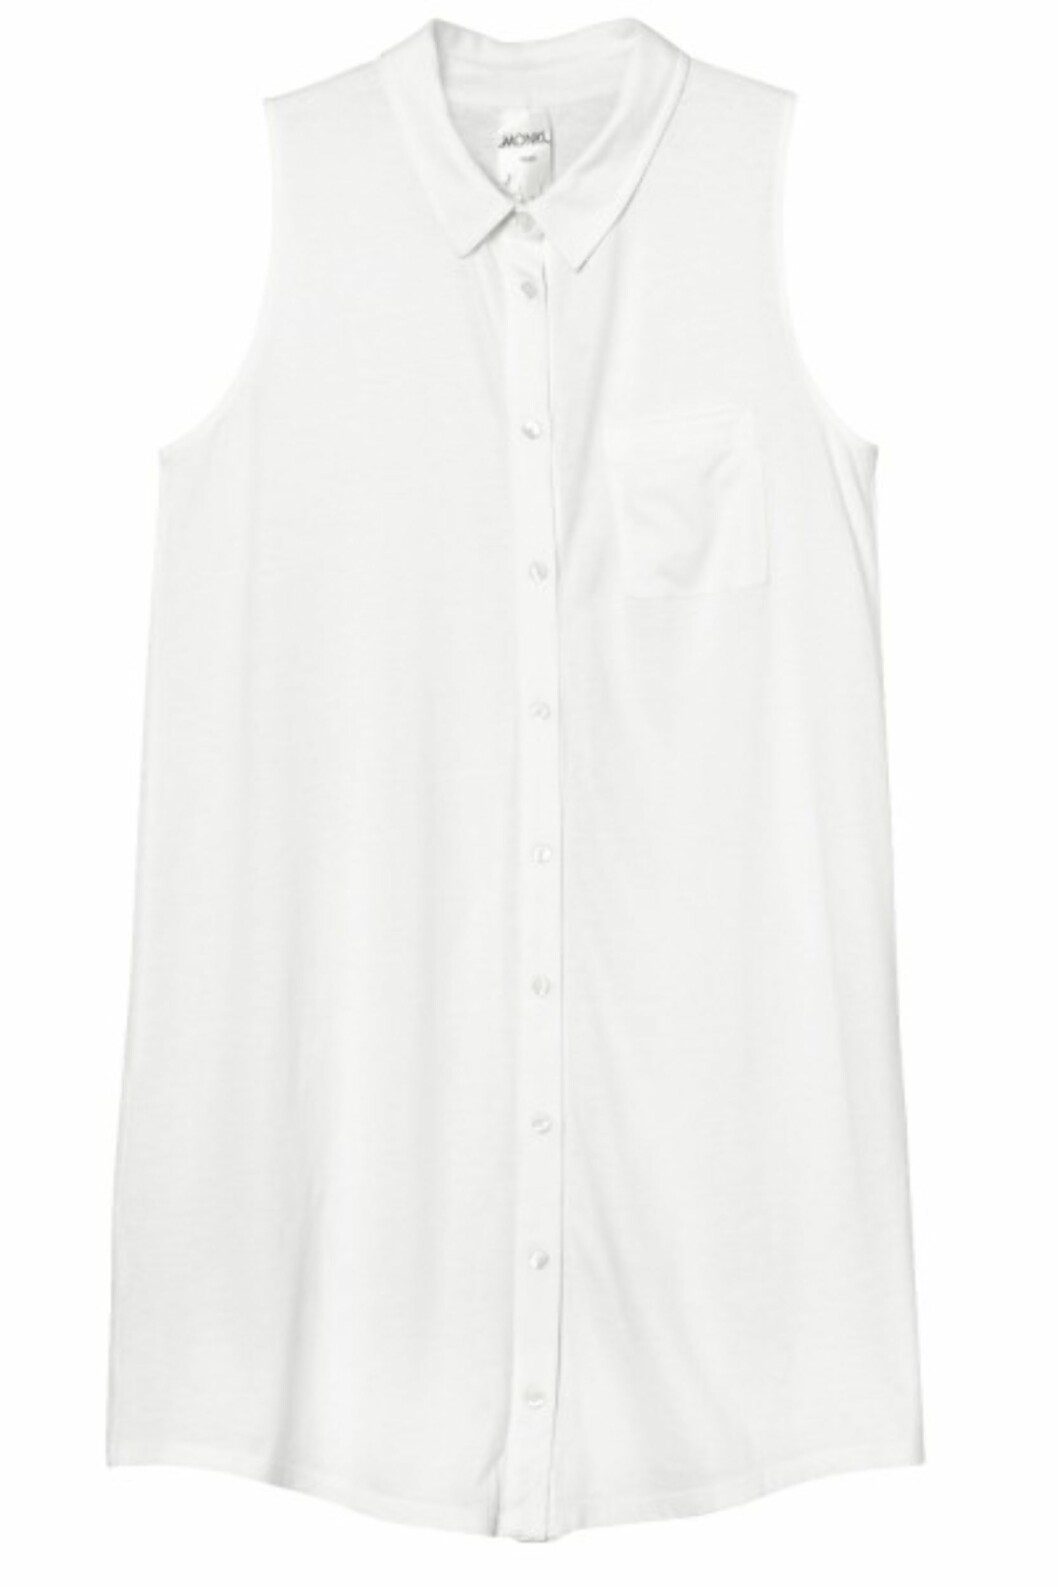 Lang skjorte uten ermer (kr.250/Monki). Foto: Produsenten